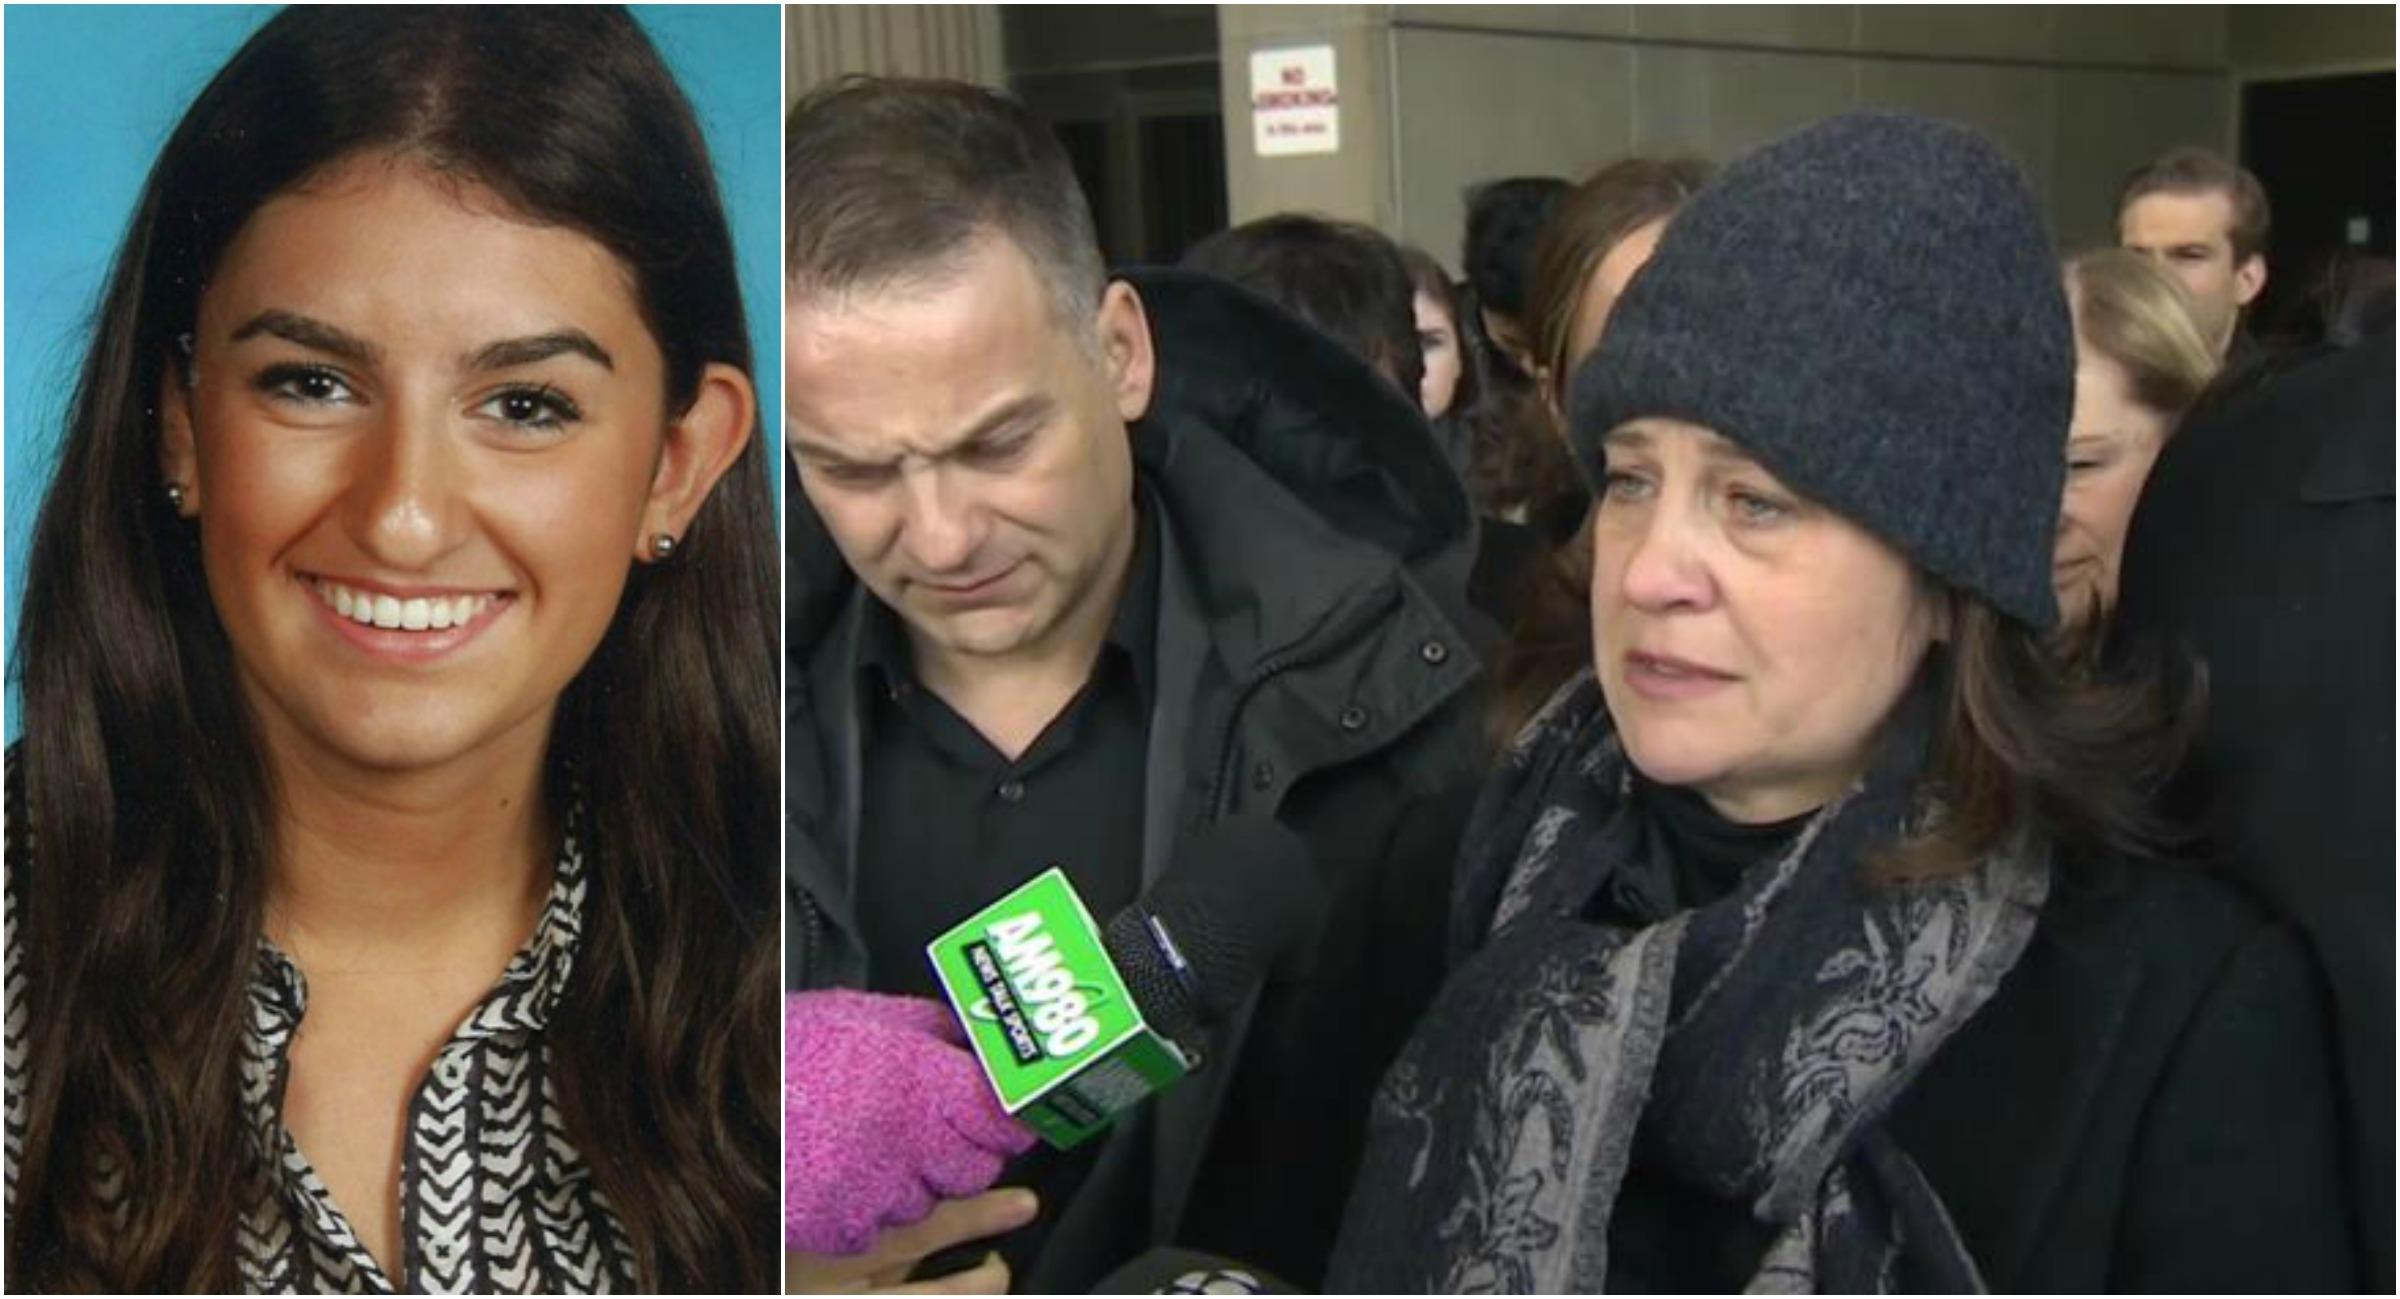 Η μητέρα της αδικοχαμένης Άντρια Χρηστίδης  ζητά αυστηρές ποινές μετά την αποδοχή ενοχής του οδηγού